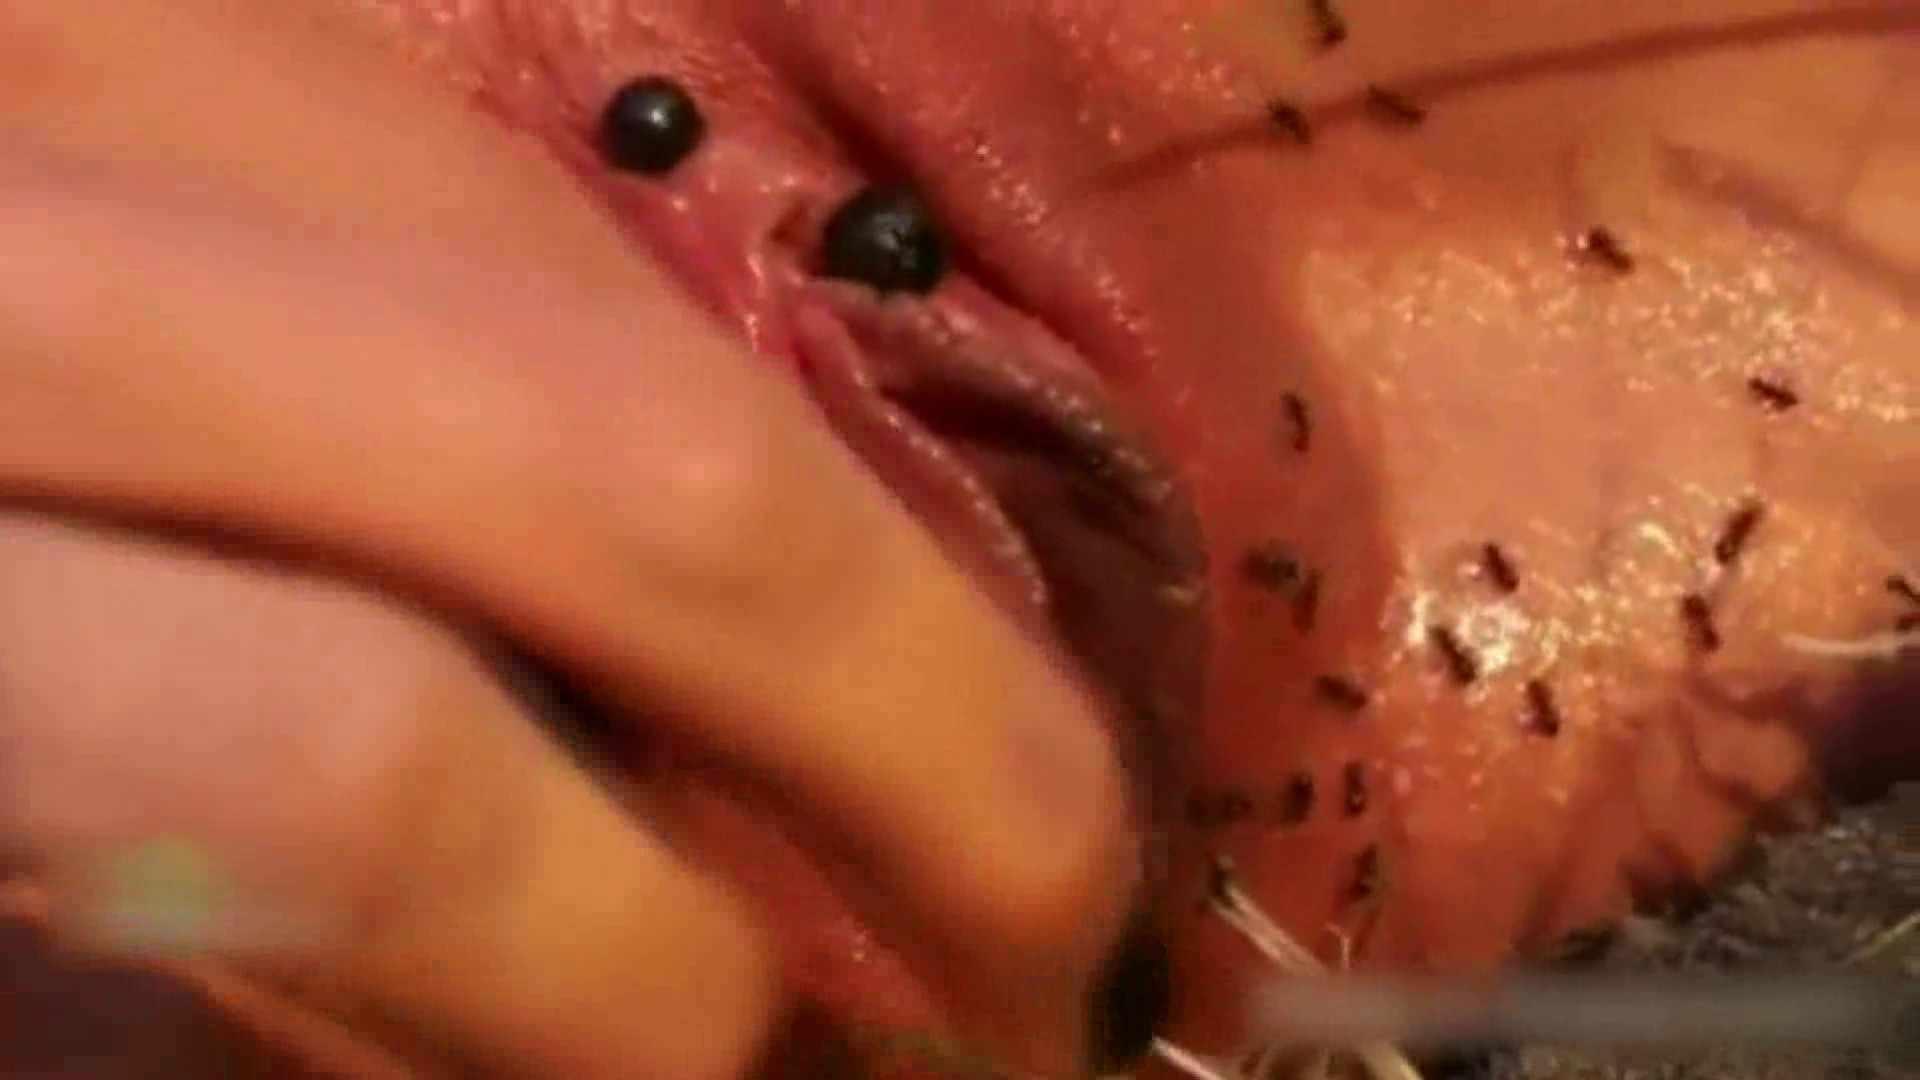 もっと衝撃的な刺激が欲しいの Vol.05 OL裸体   フェチ  61画像 26